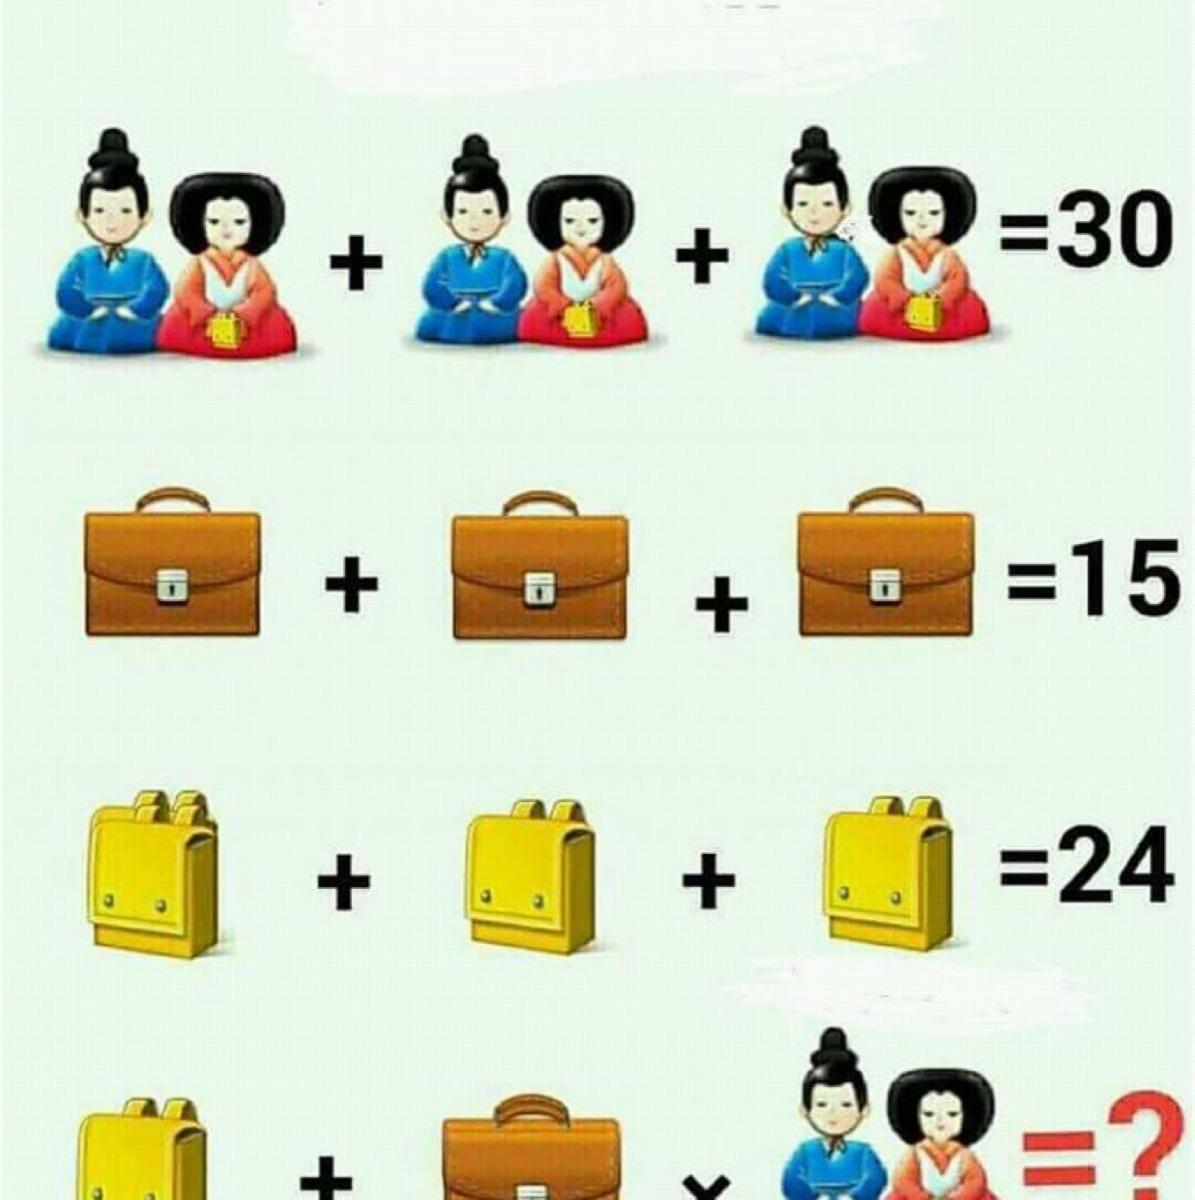 Помогите решить сколько будет